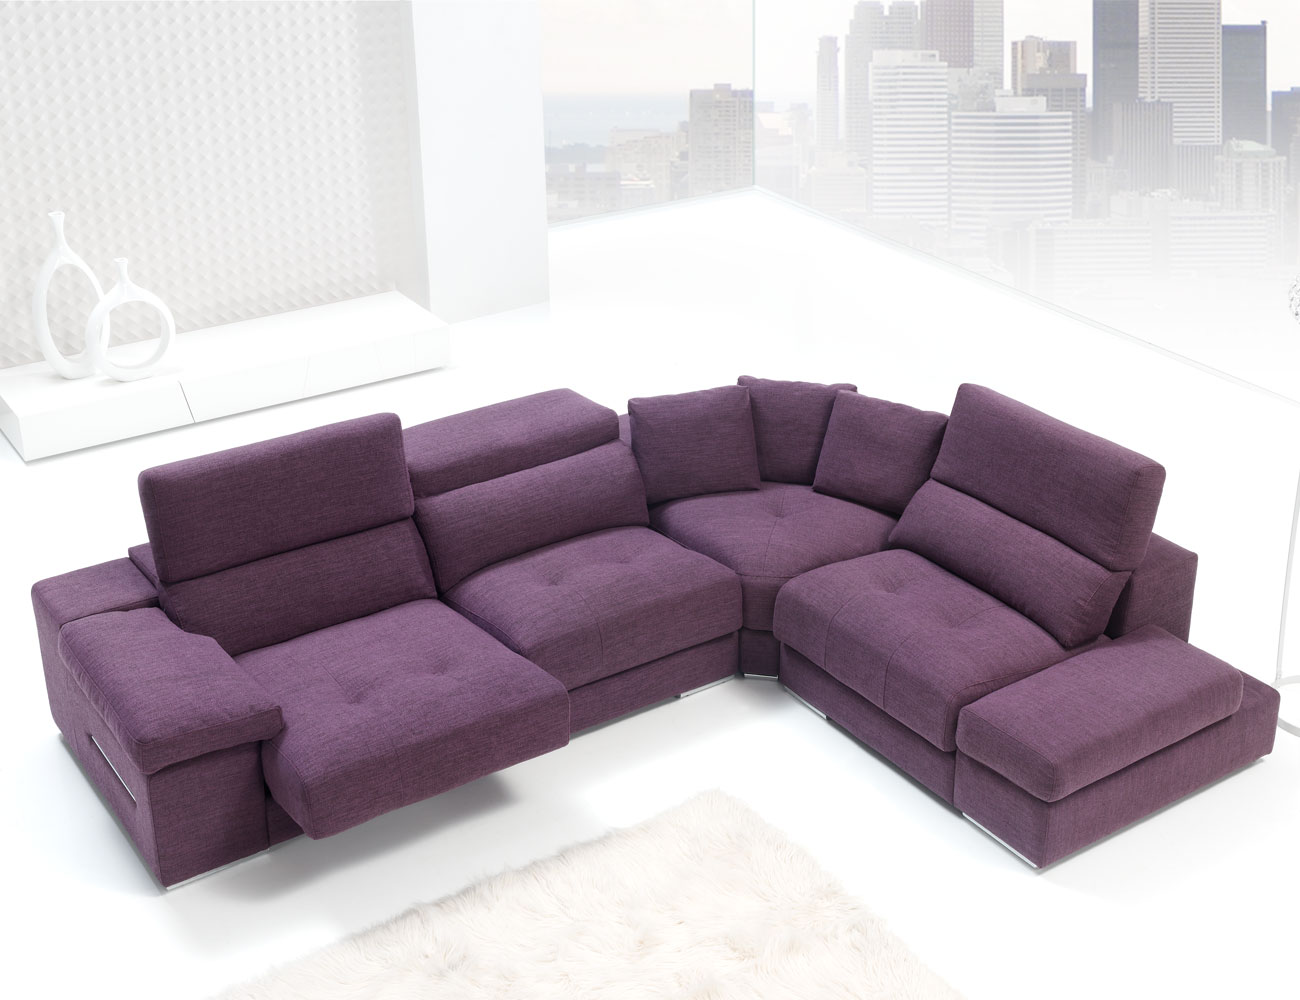 Sofa chaiselongue rincon con brazo mecanico tejido anti manchas 264